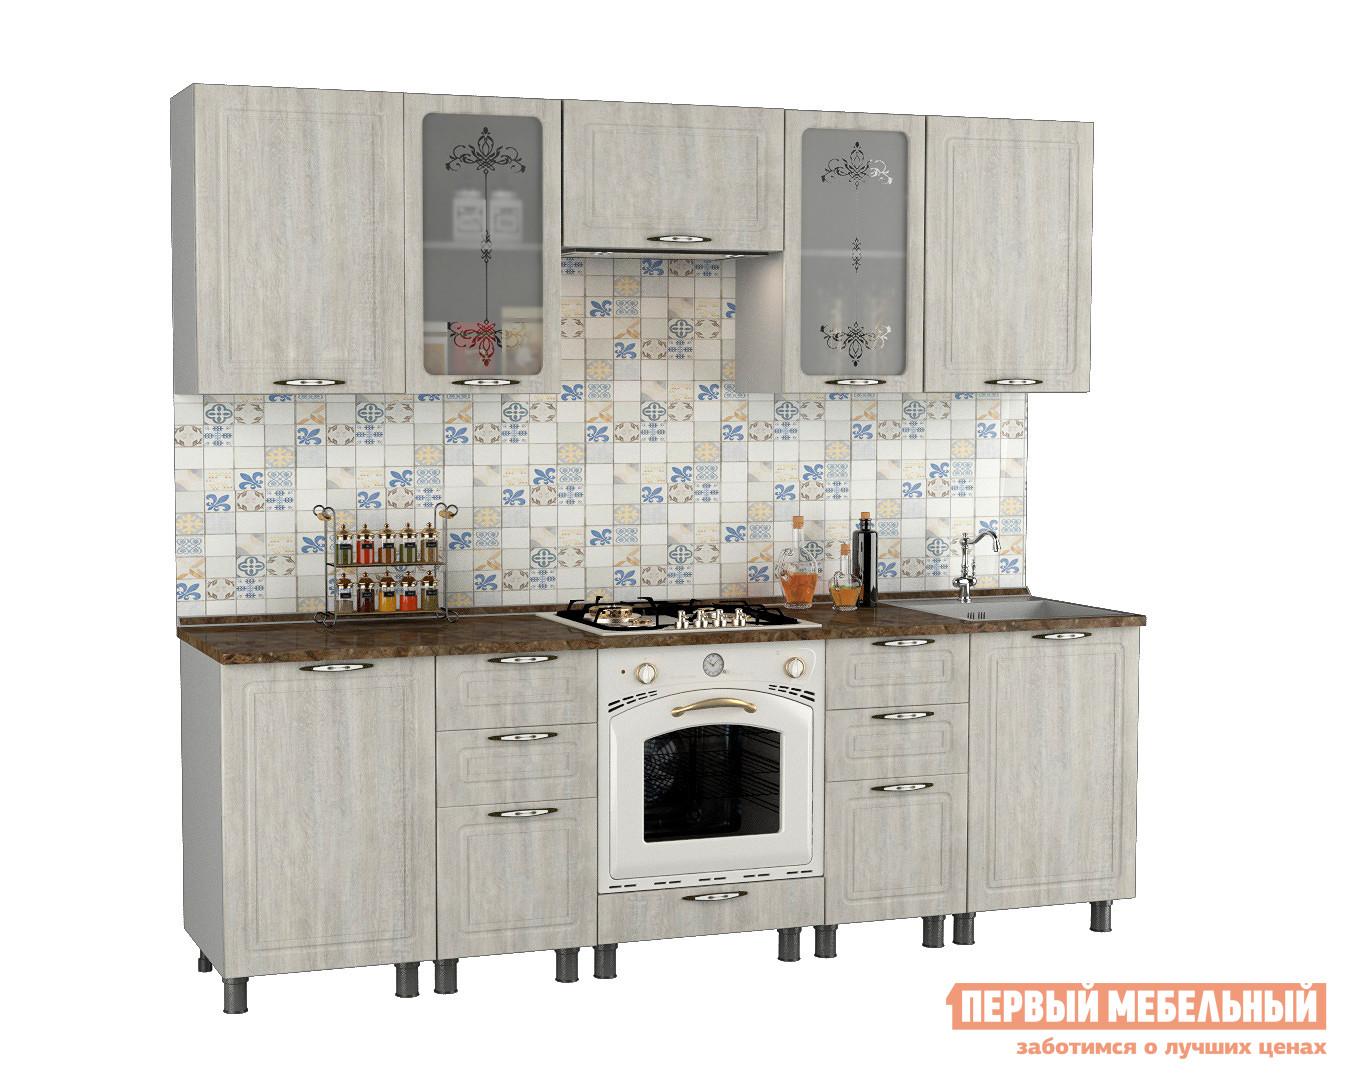 Кухонный гарнитур Первый Мебельный Прованс 2,4 м кухонный гарнитур витра палермо 300 2